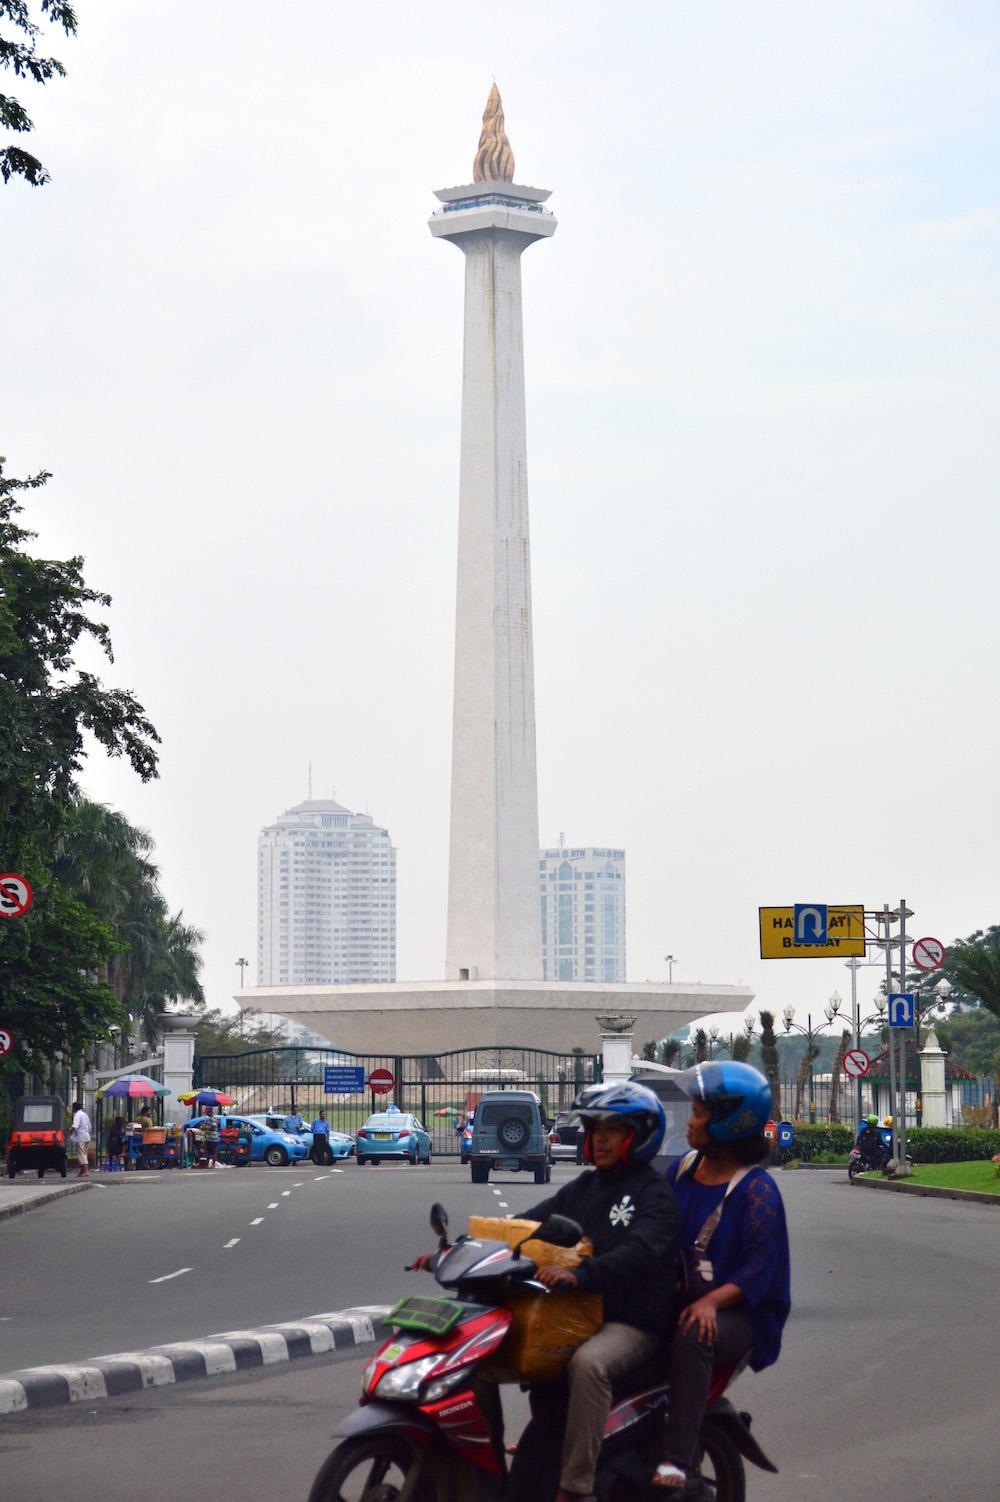 Jakarta blurred traffic